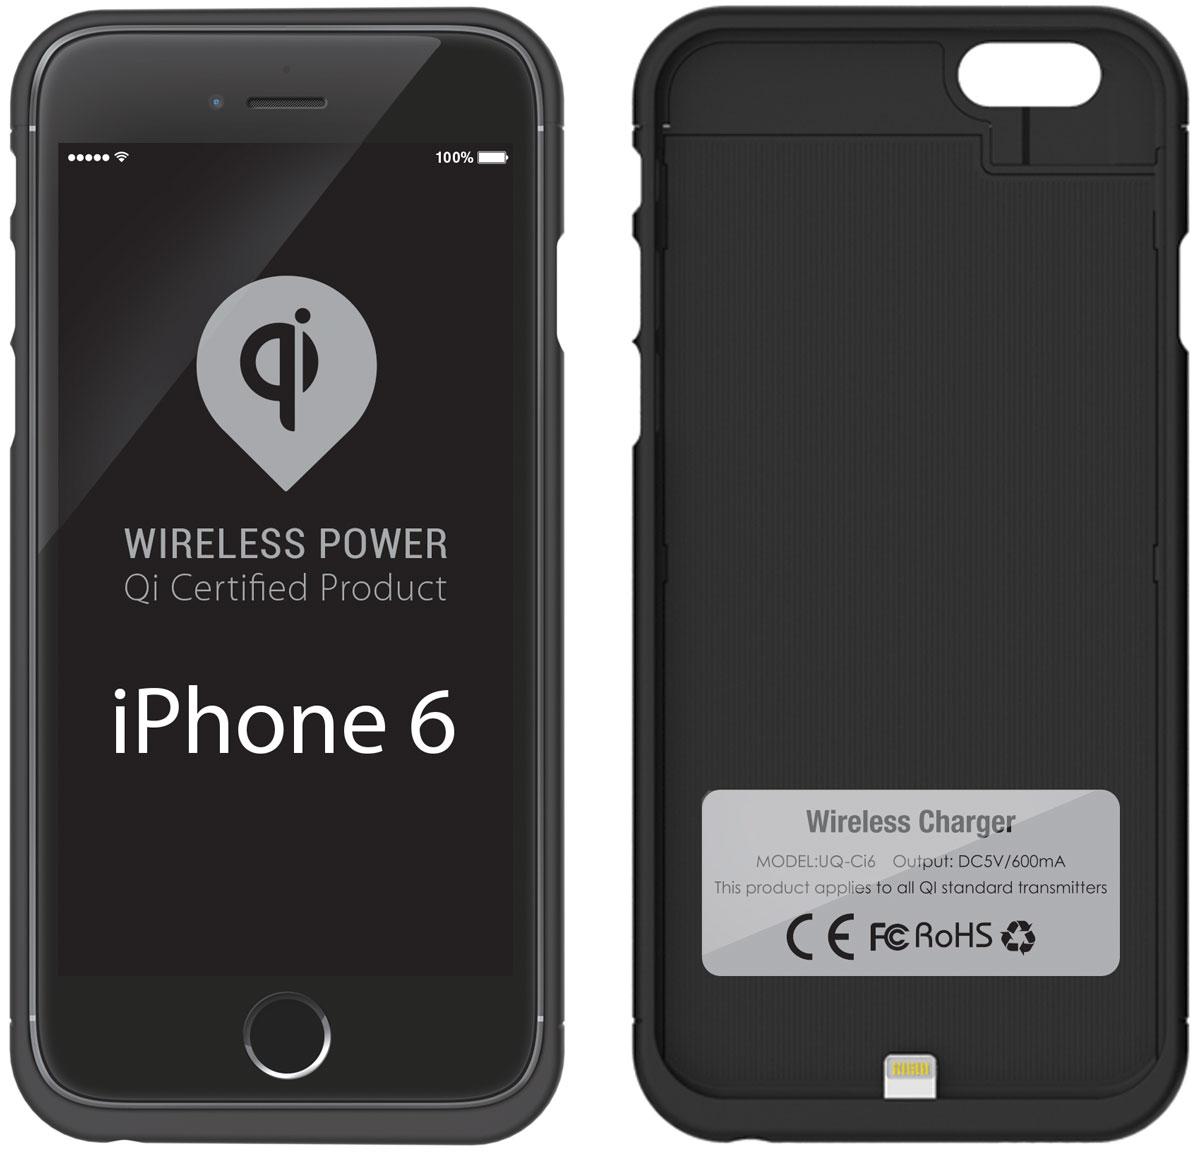 UPVEL UQ-Ci6 Stingray для iPhone 6, Black чехол-приемник для беспроводной зарядки стандарта QiUQ-Ci6 STINGRAYЧехол UPVEL UQ-Ci5 для iPhone 6 представляет собой аксессуар два в одном. Во-первых, он позволяет вашему iPhone 6 заряжаться от беспроводных устройств стандарта Qi и избавляет вас от необходимости постоянно подключать и отключать кабель зарядного устройства. Во-вторых, чехол прекрасно справляется с защитой телефона от повреждений и царапин.Рабочее расстояние: 3-7 ммЭффективность: 500 мАчСтандарты: WPC-1.0, WPC-1.1